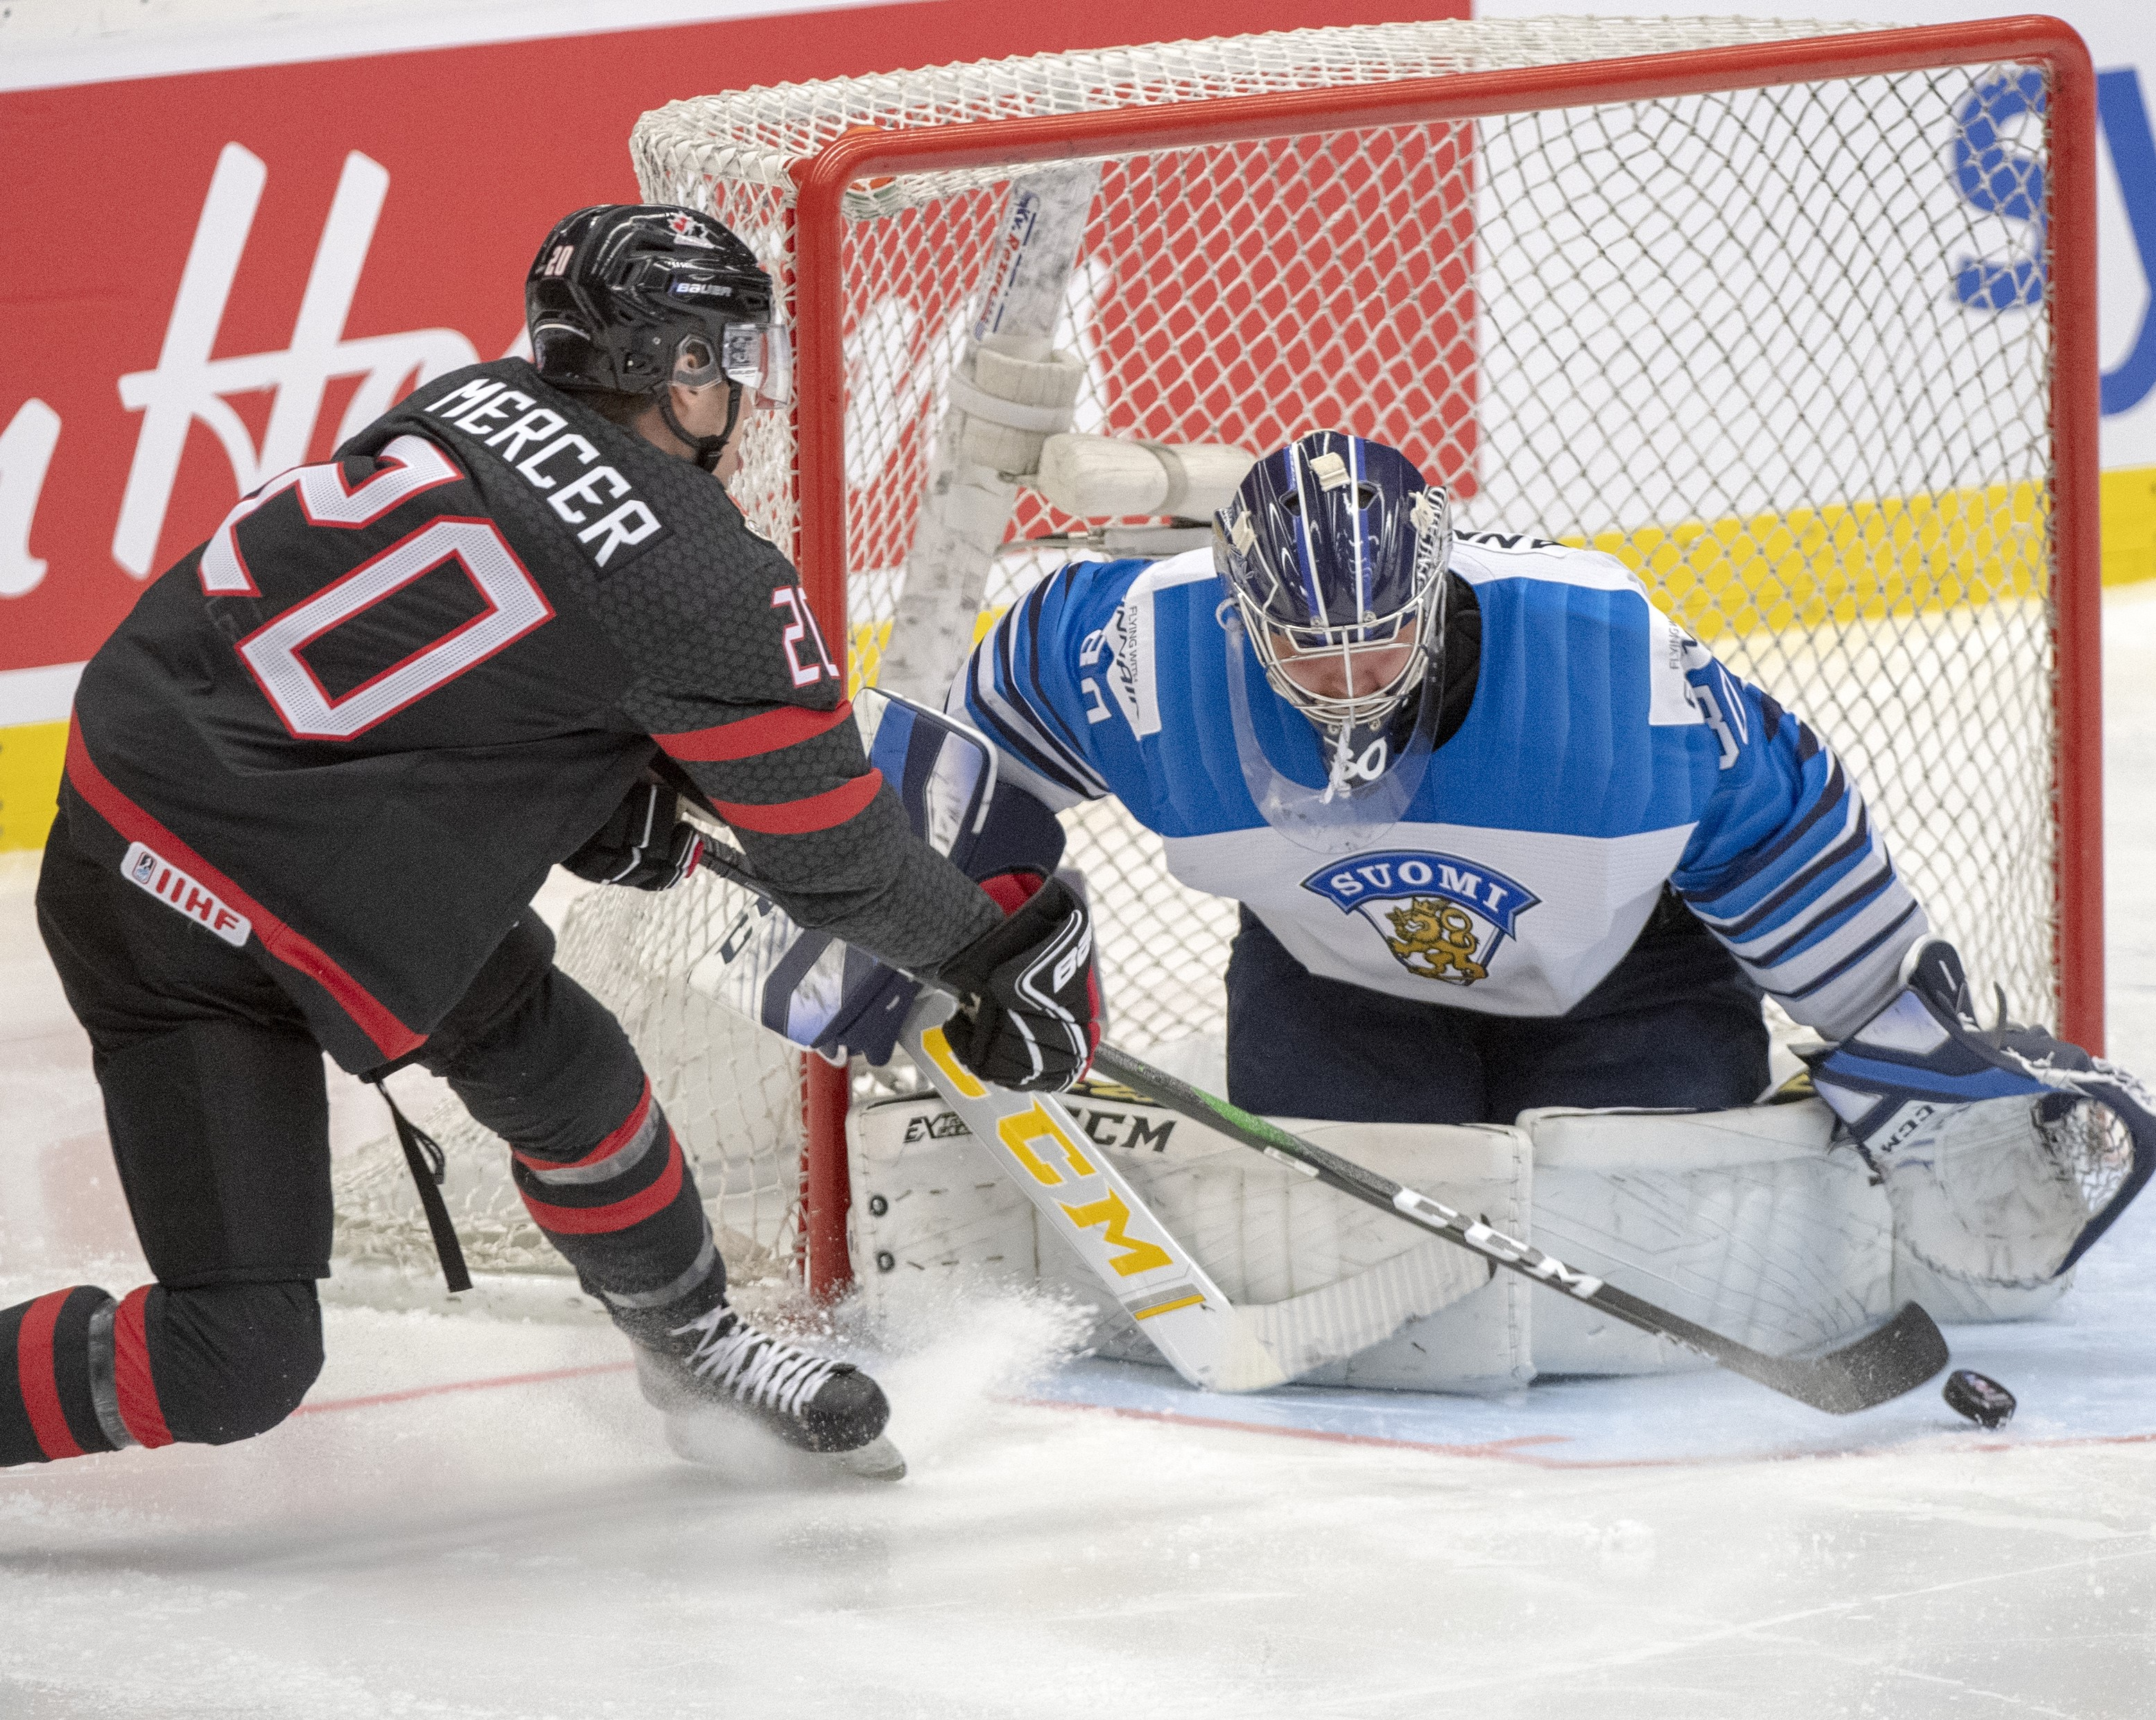 un joueur de hockey devant un gardien de but.